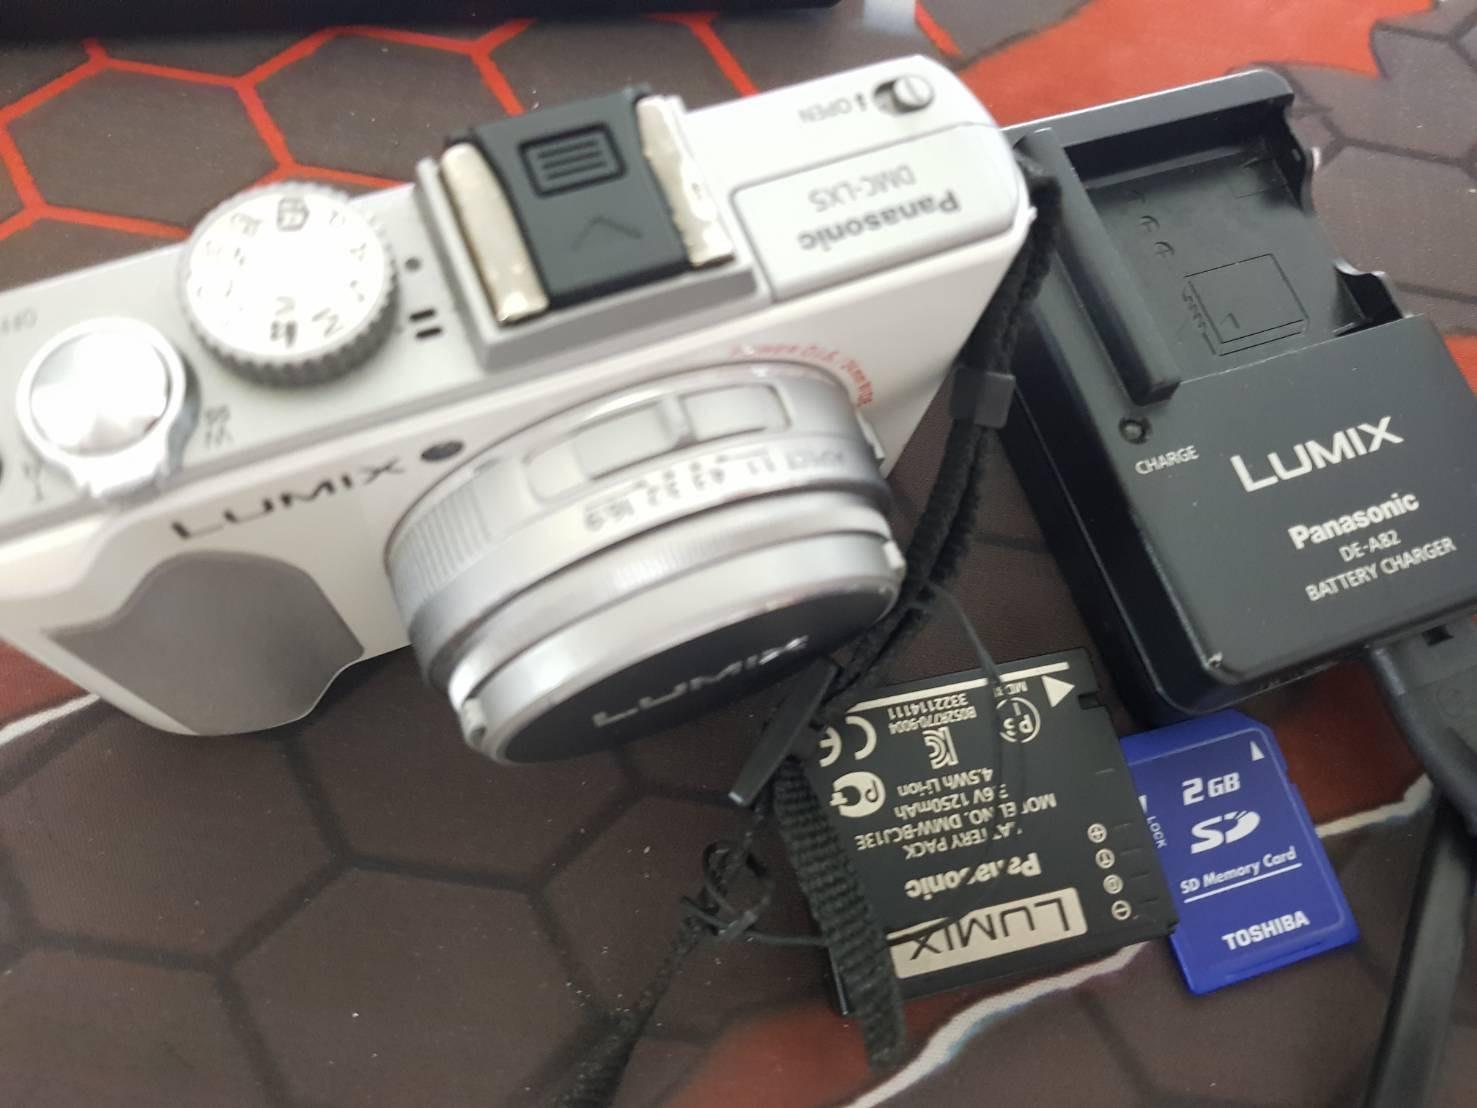 二手 Panasonic LX5 數位相機 取代lx3 lx7 a100 thmdhmdfh